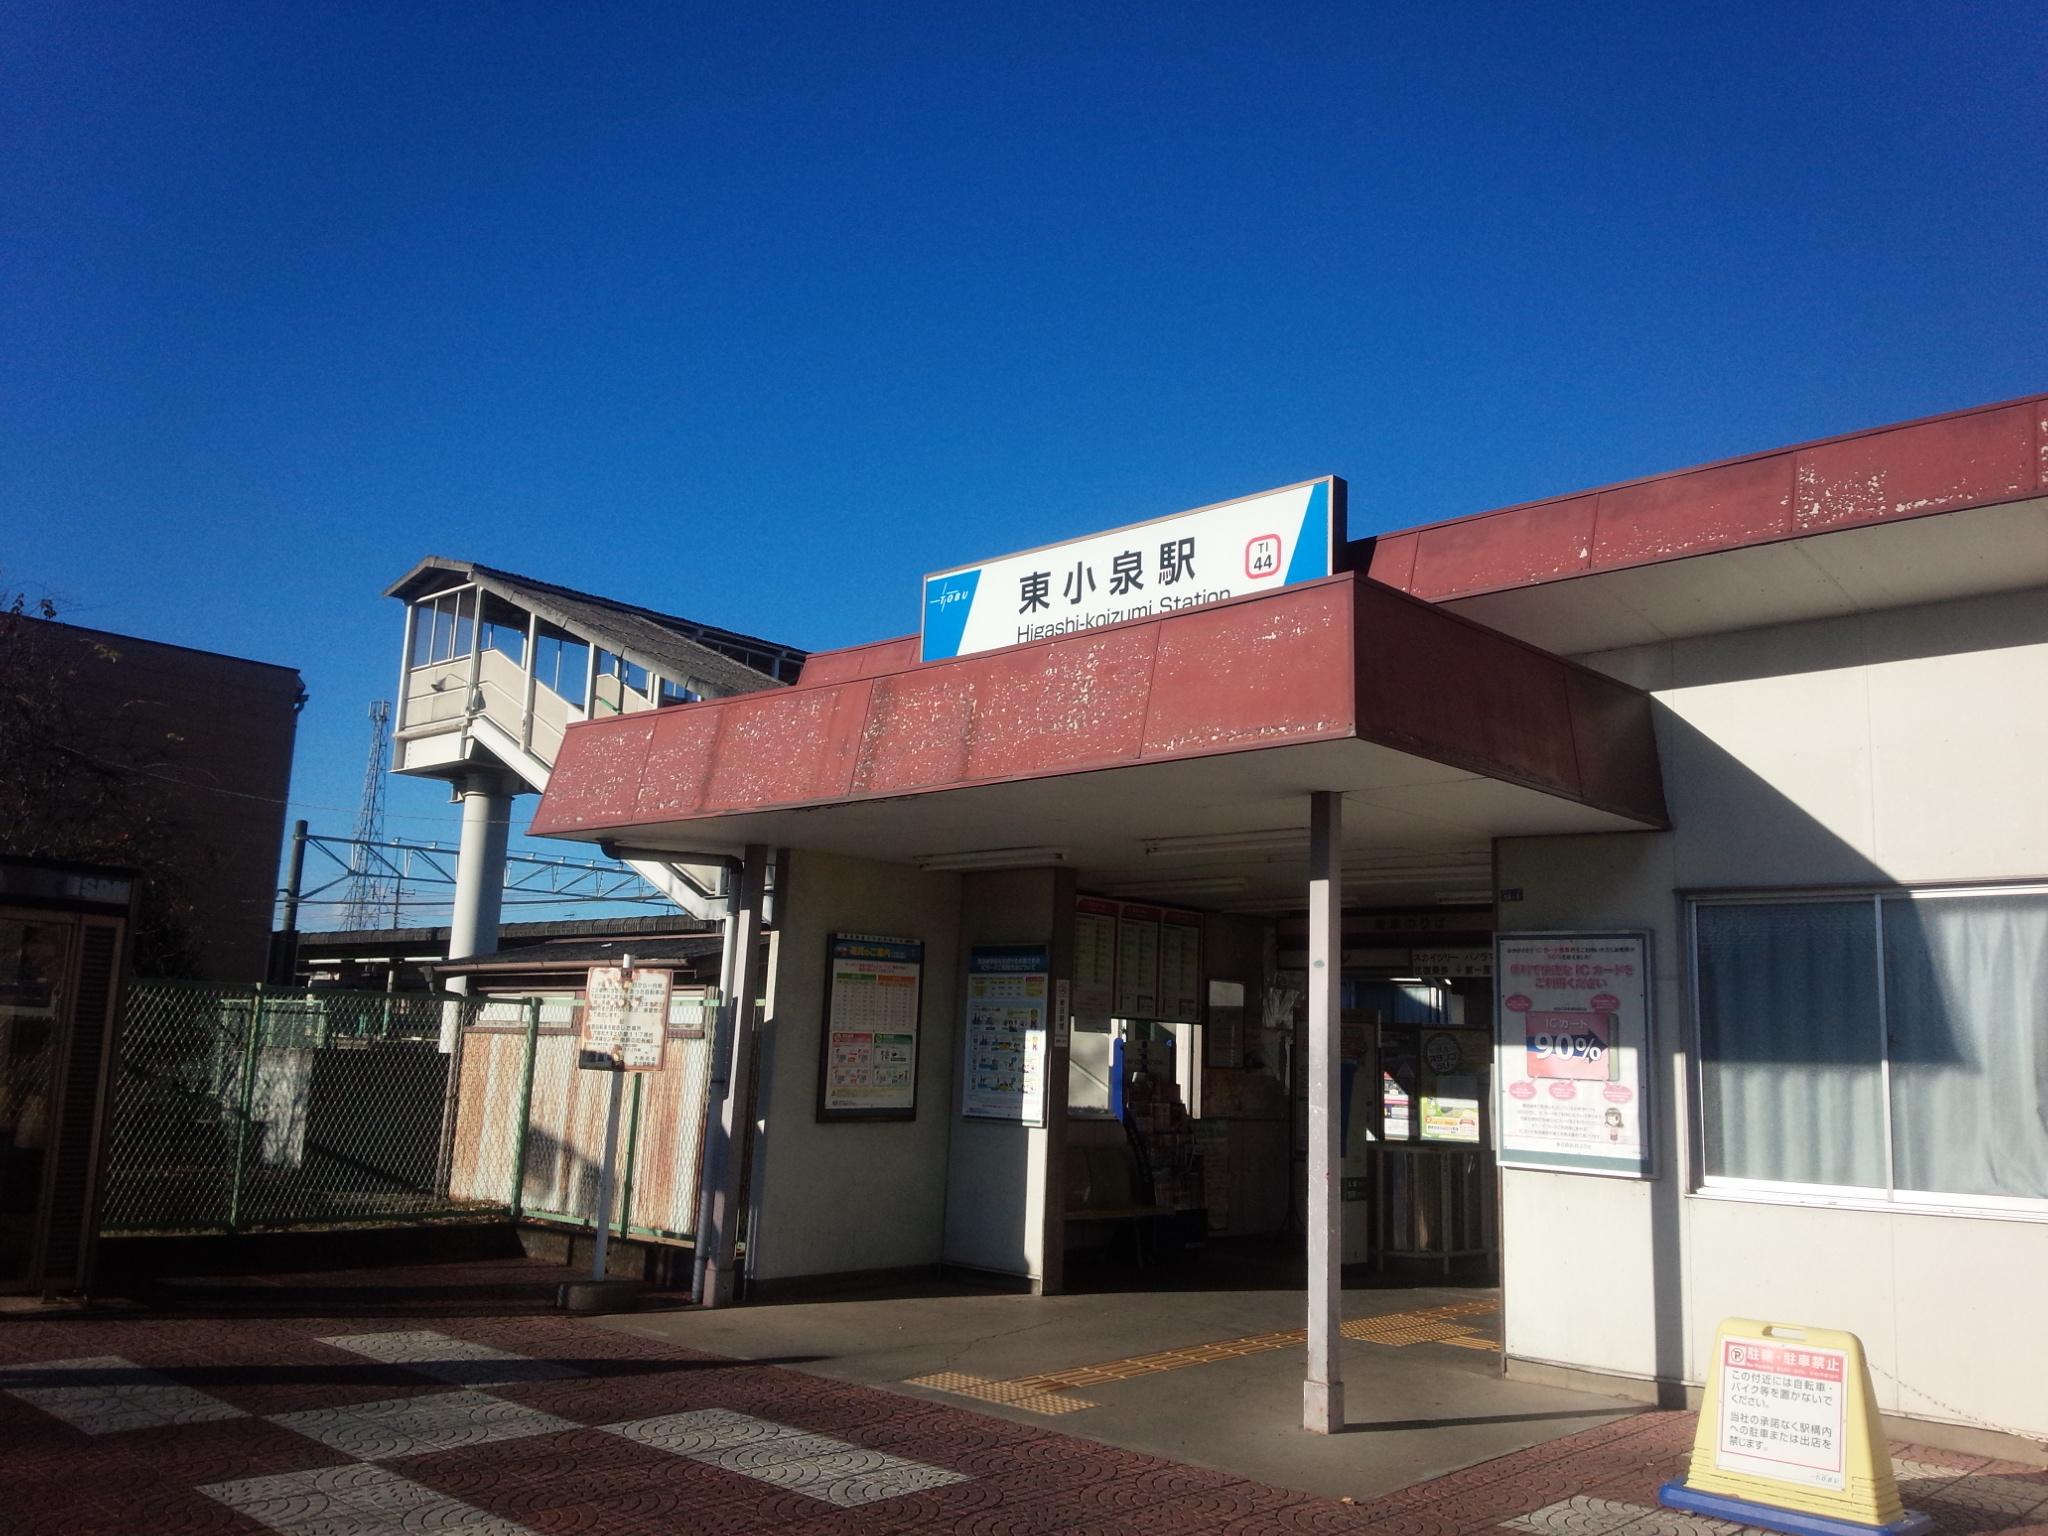 佐野アウトレット・新宿駅・スバル矢島・大泉工場…東小泉駅から各地へのアクセスを紹介